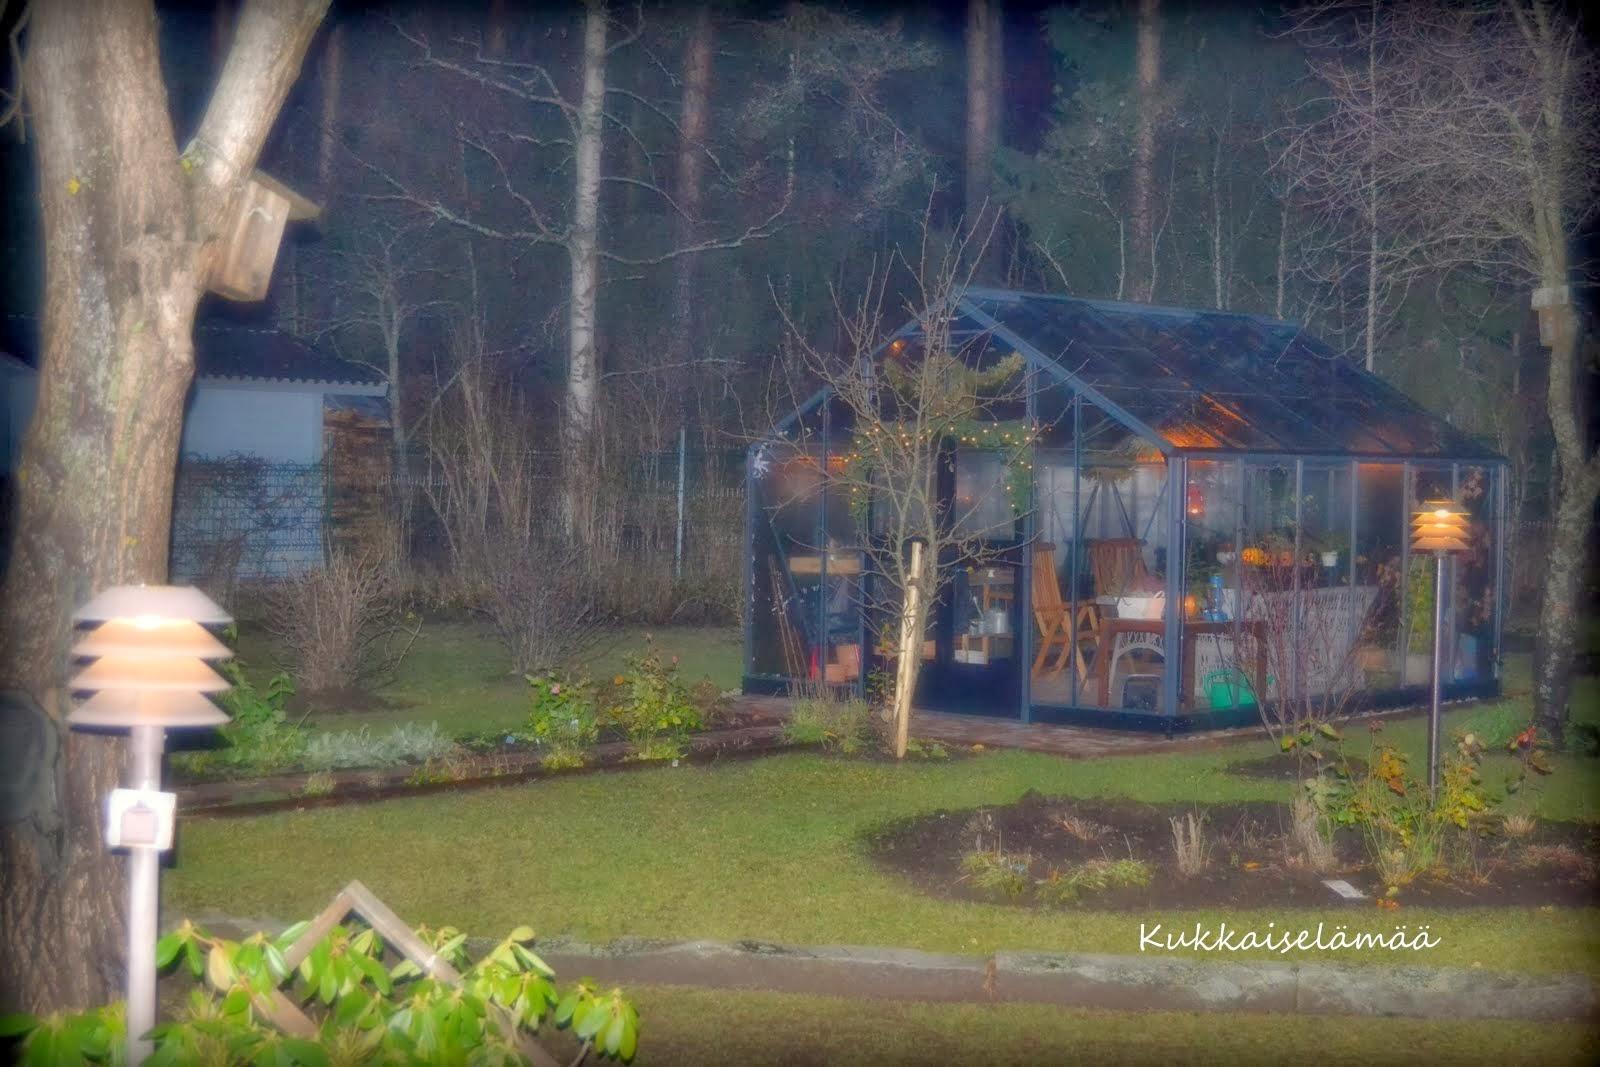 Ilta kasvihuoneella – Twilight in the greenhouse